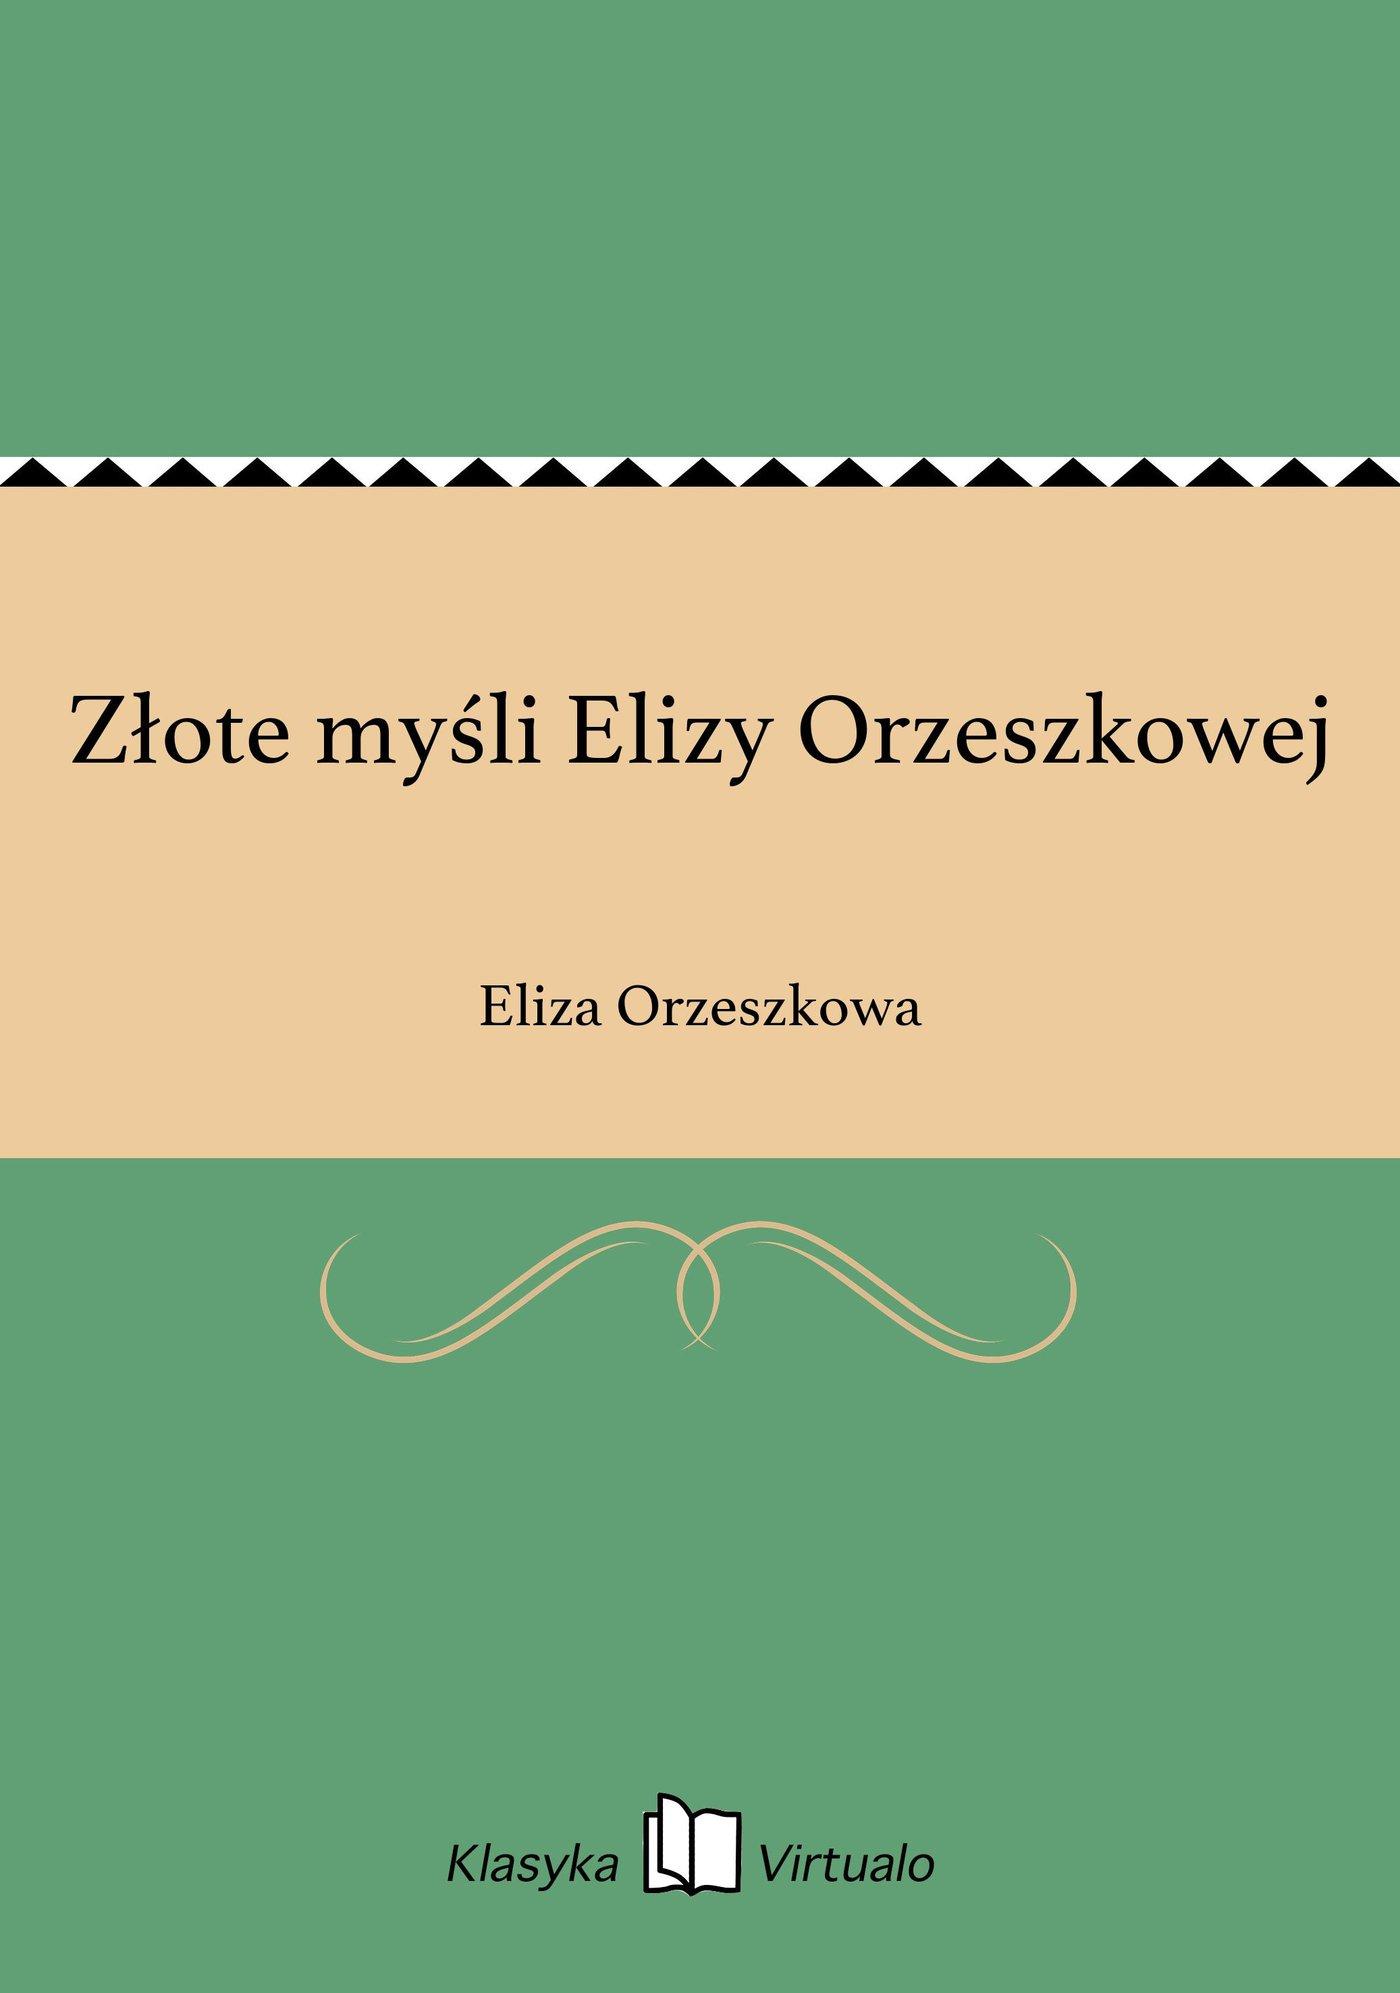 Złote myśli Elizy Orzeszkowej - Ebook (Książka na Kindle) do pobrania w formacie MOBI